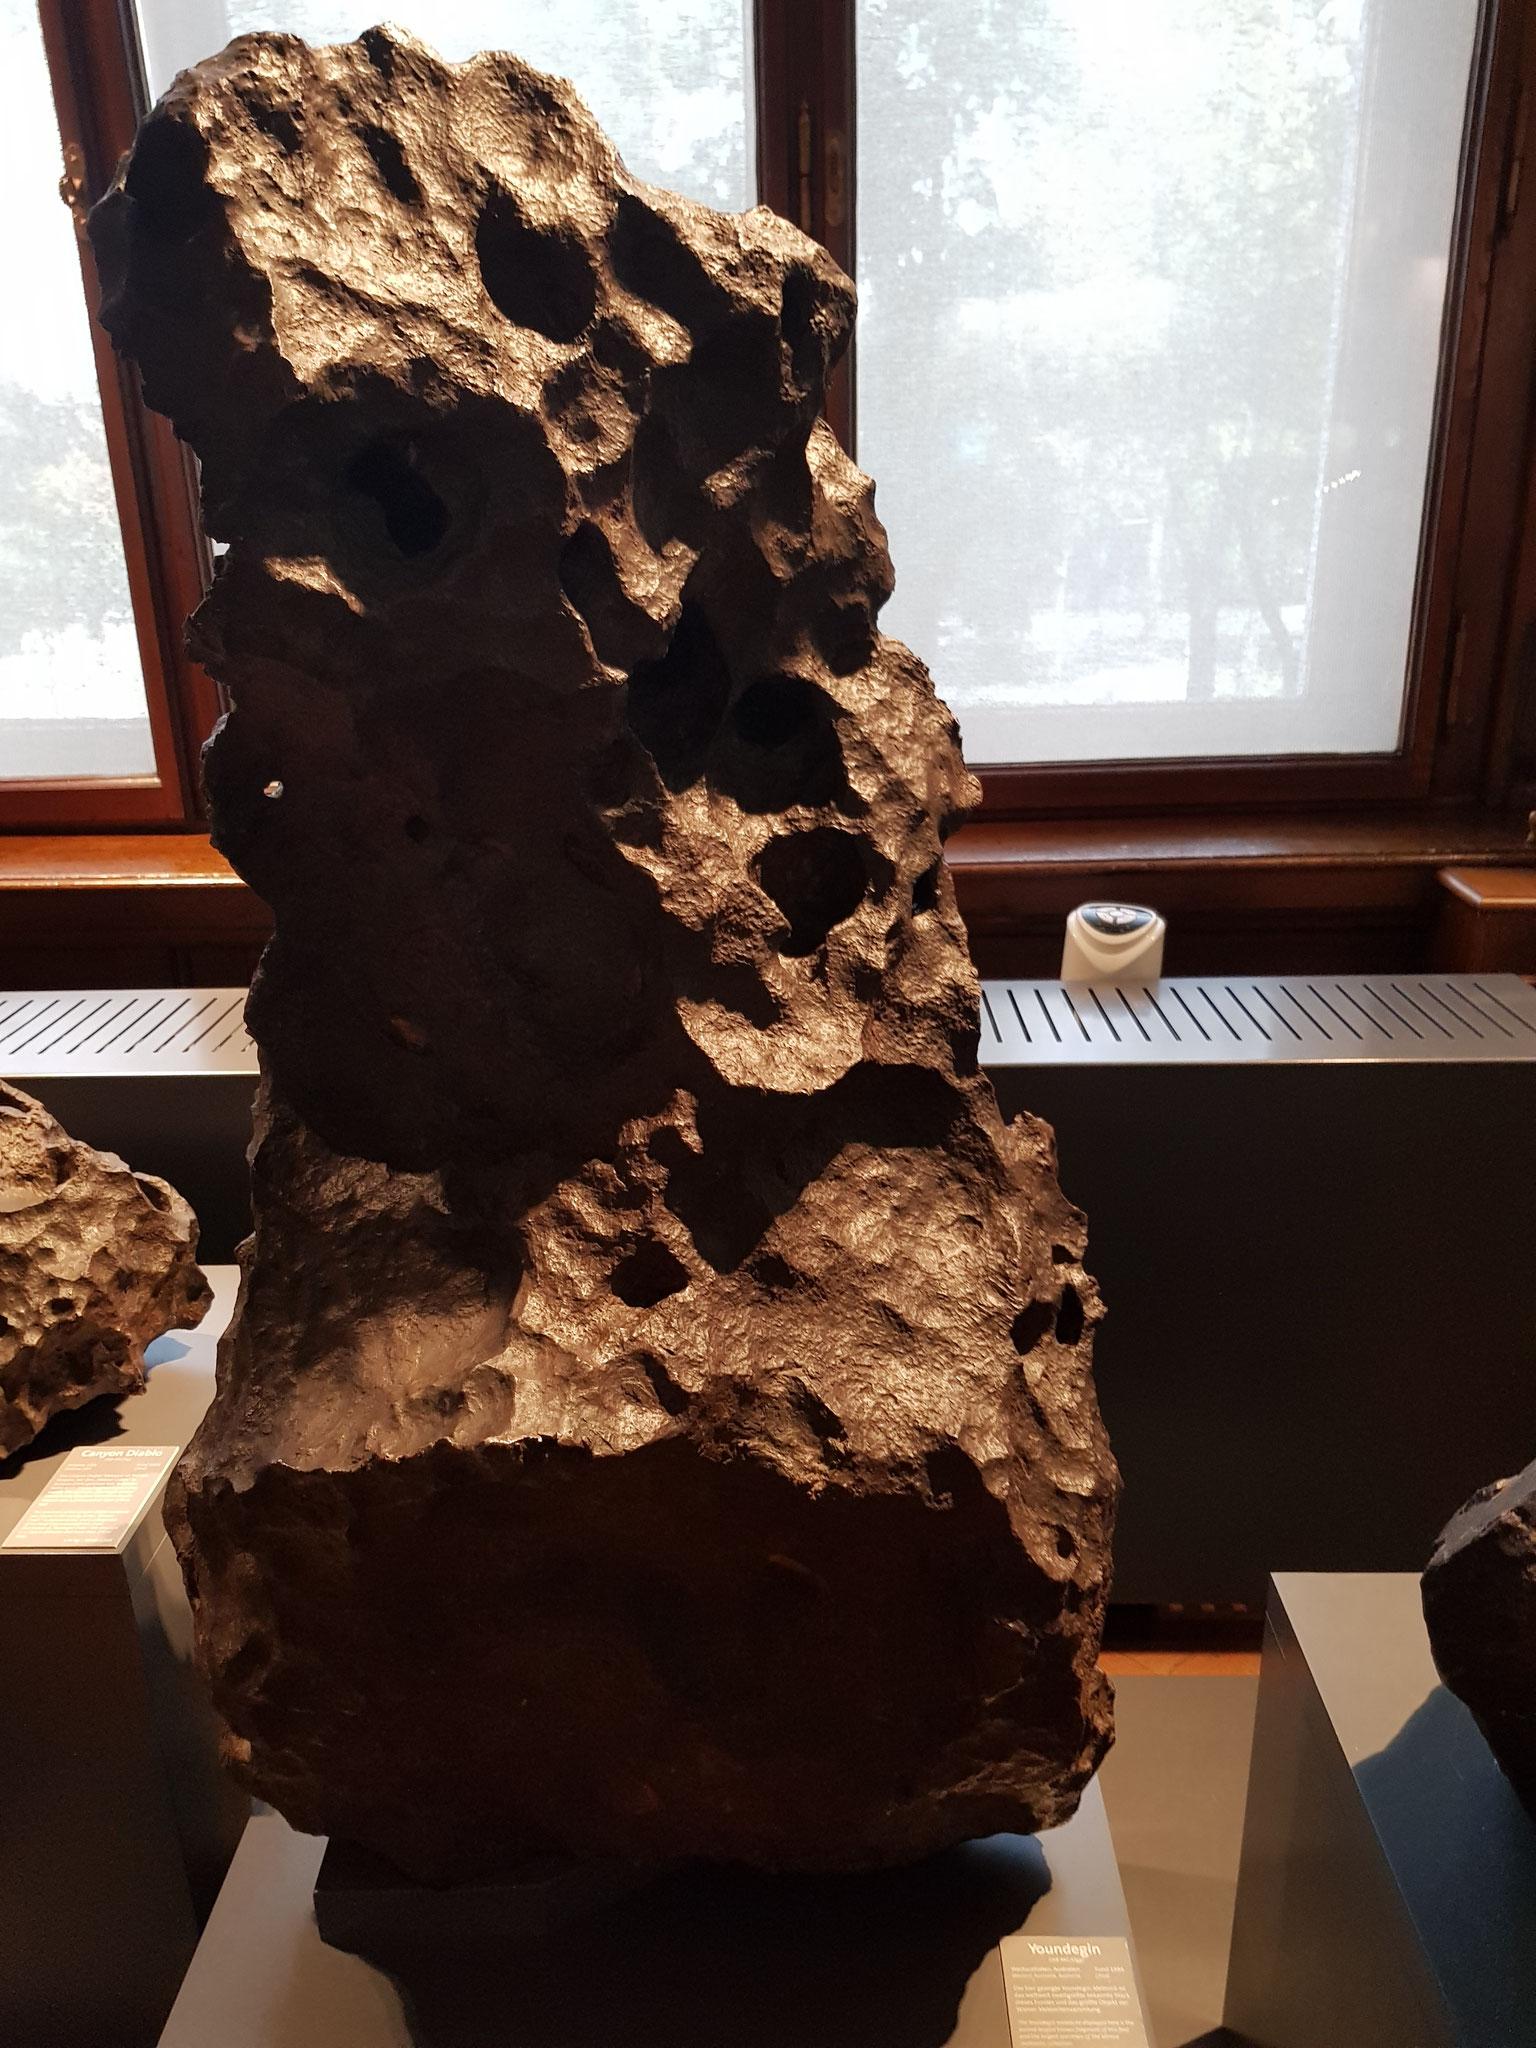 Abbildung 2. b.: Verschiedene Meteorite aus der Sammlung des Naturhistorischen Museums Wien (eigene Aufnahme)